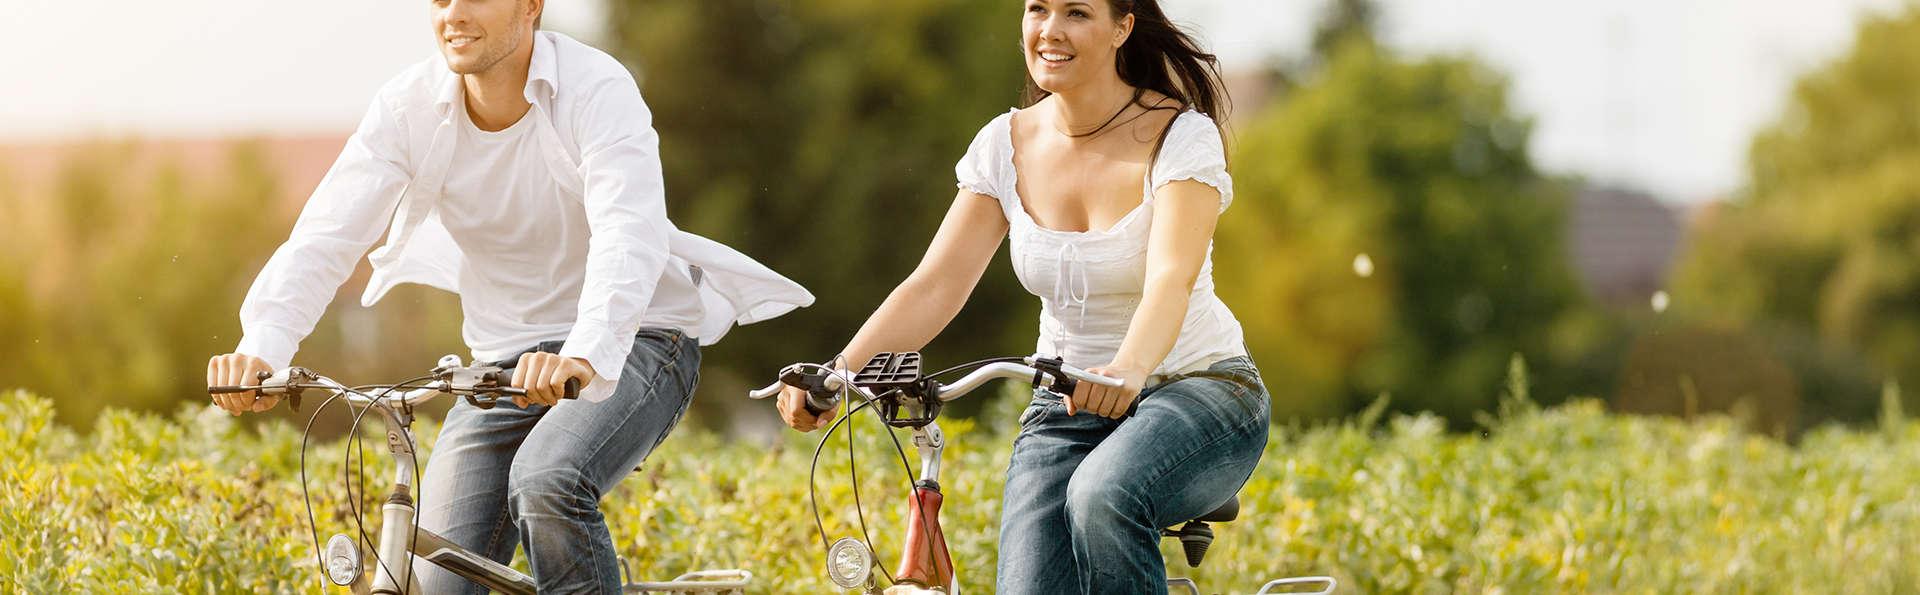 Escapade en demi-pension, location de vélos électriques avec GPS, sauna privé et cocktail